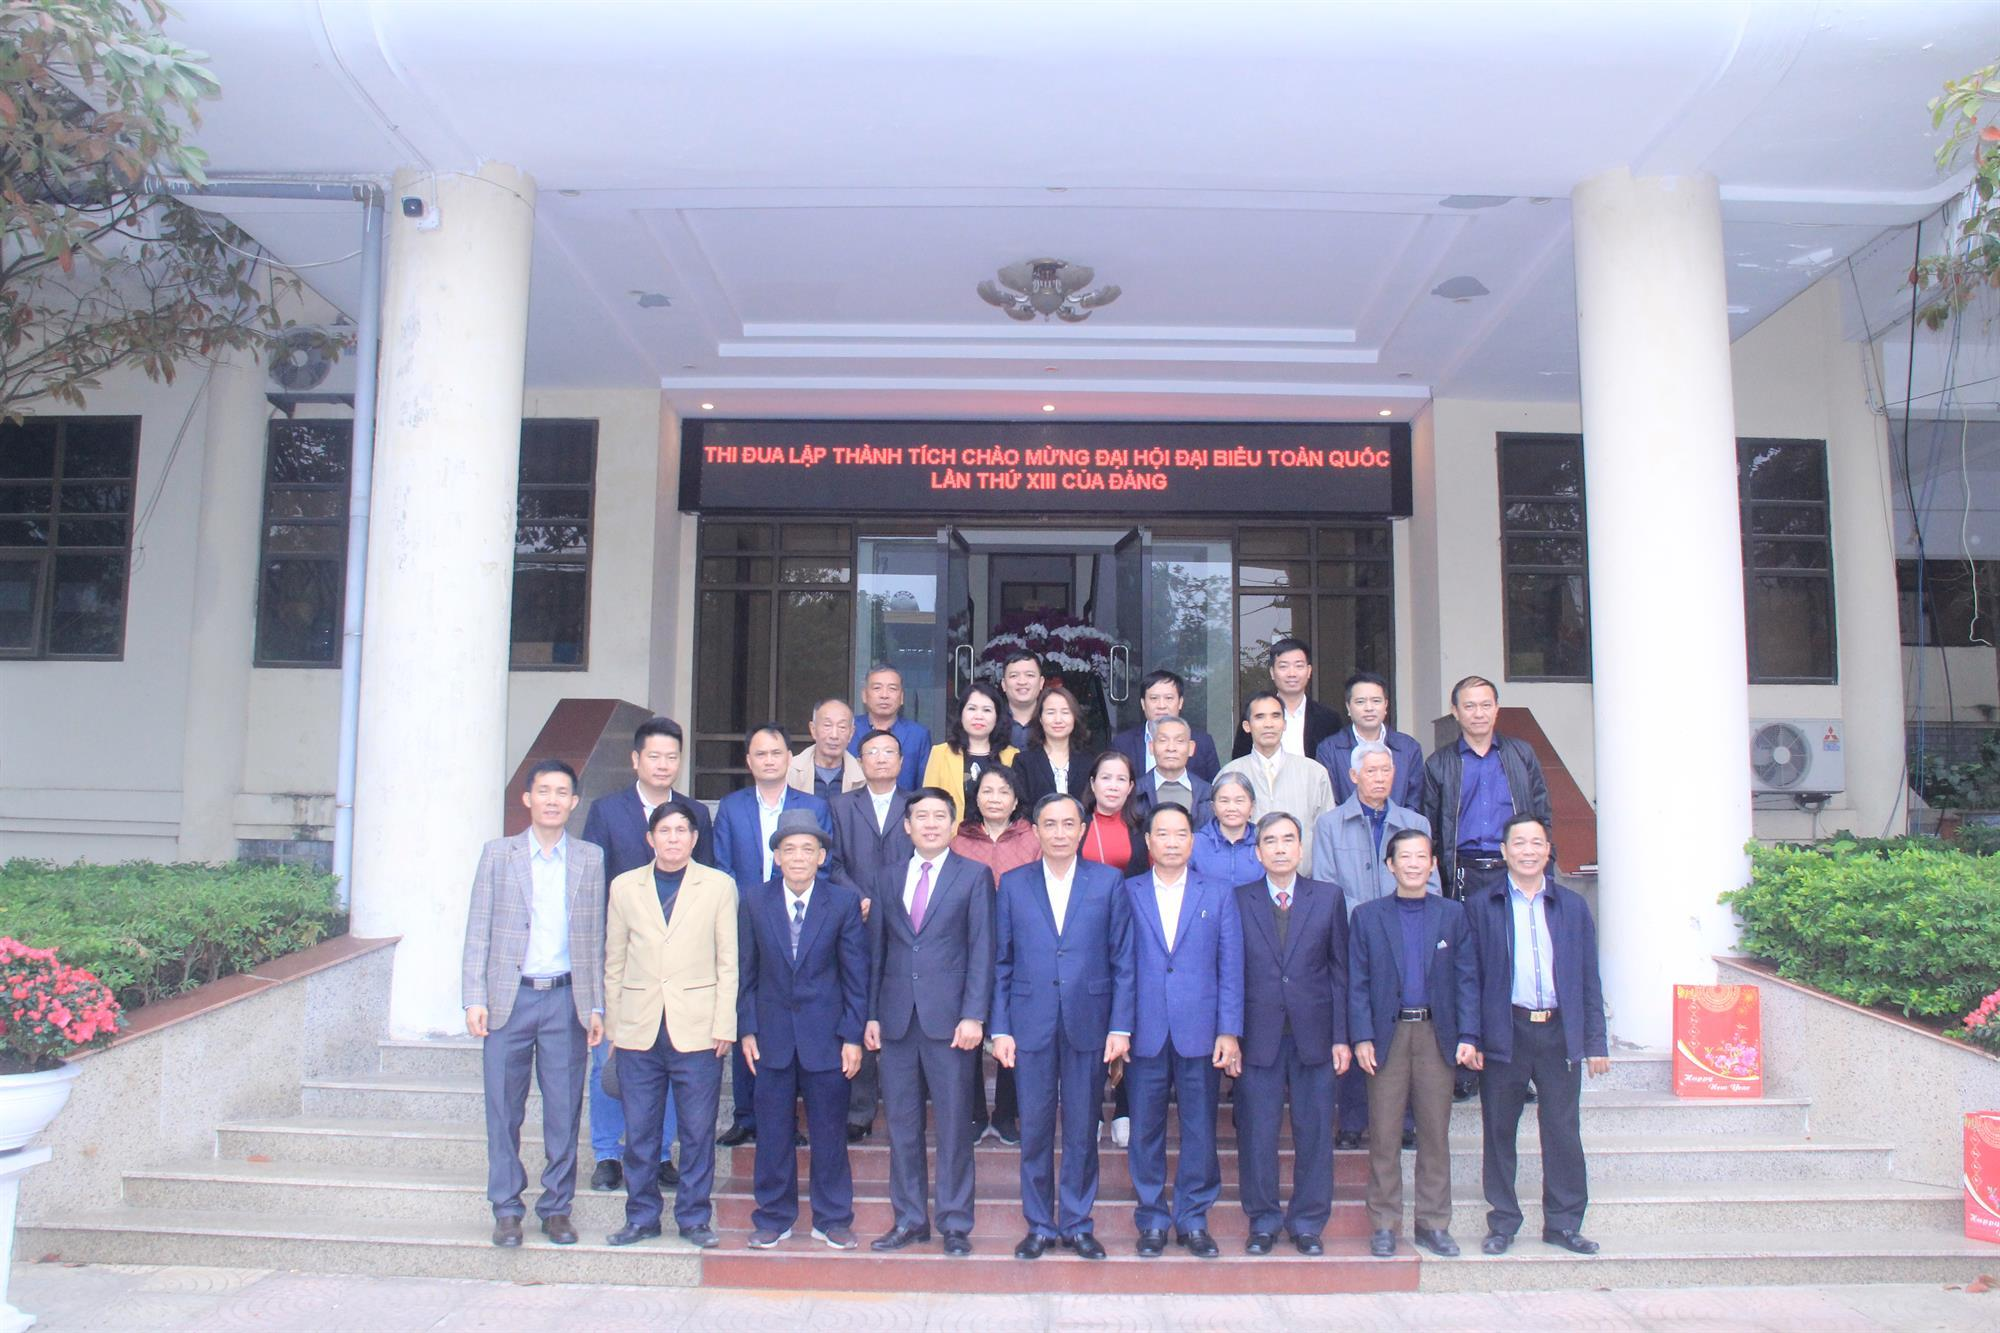 Đài Phát thanh và Truyền hình Bắc Ninh gặp mặt cán bộ hưu nhân dịp đón xuân Tân Sửu 2021